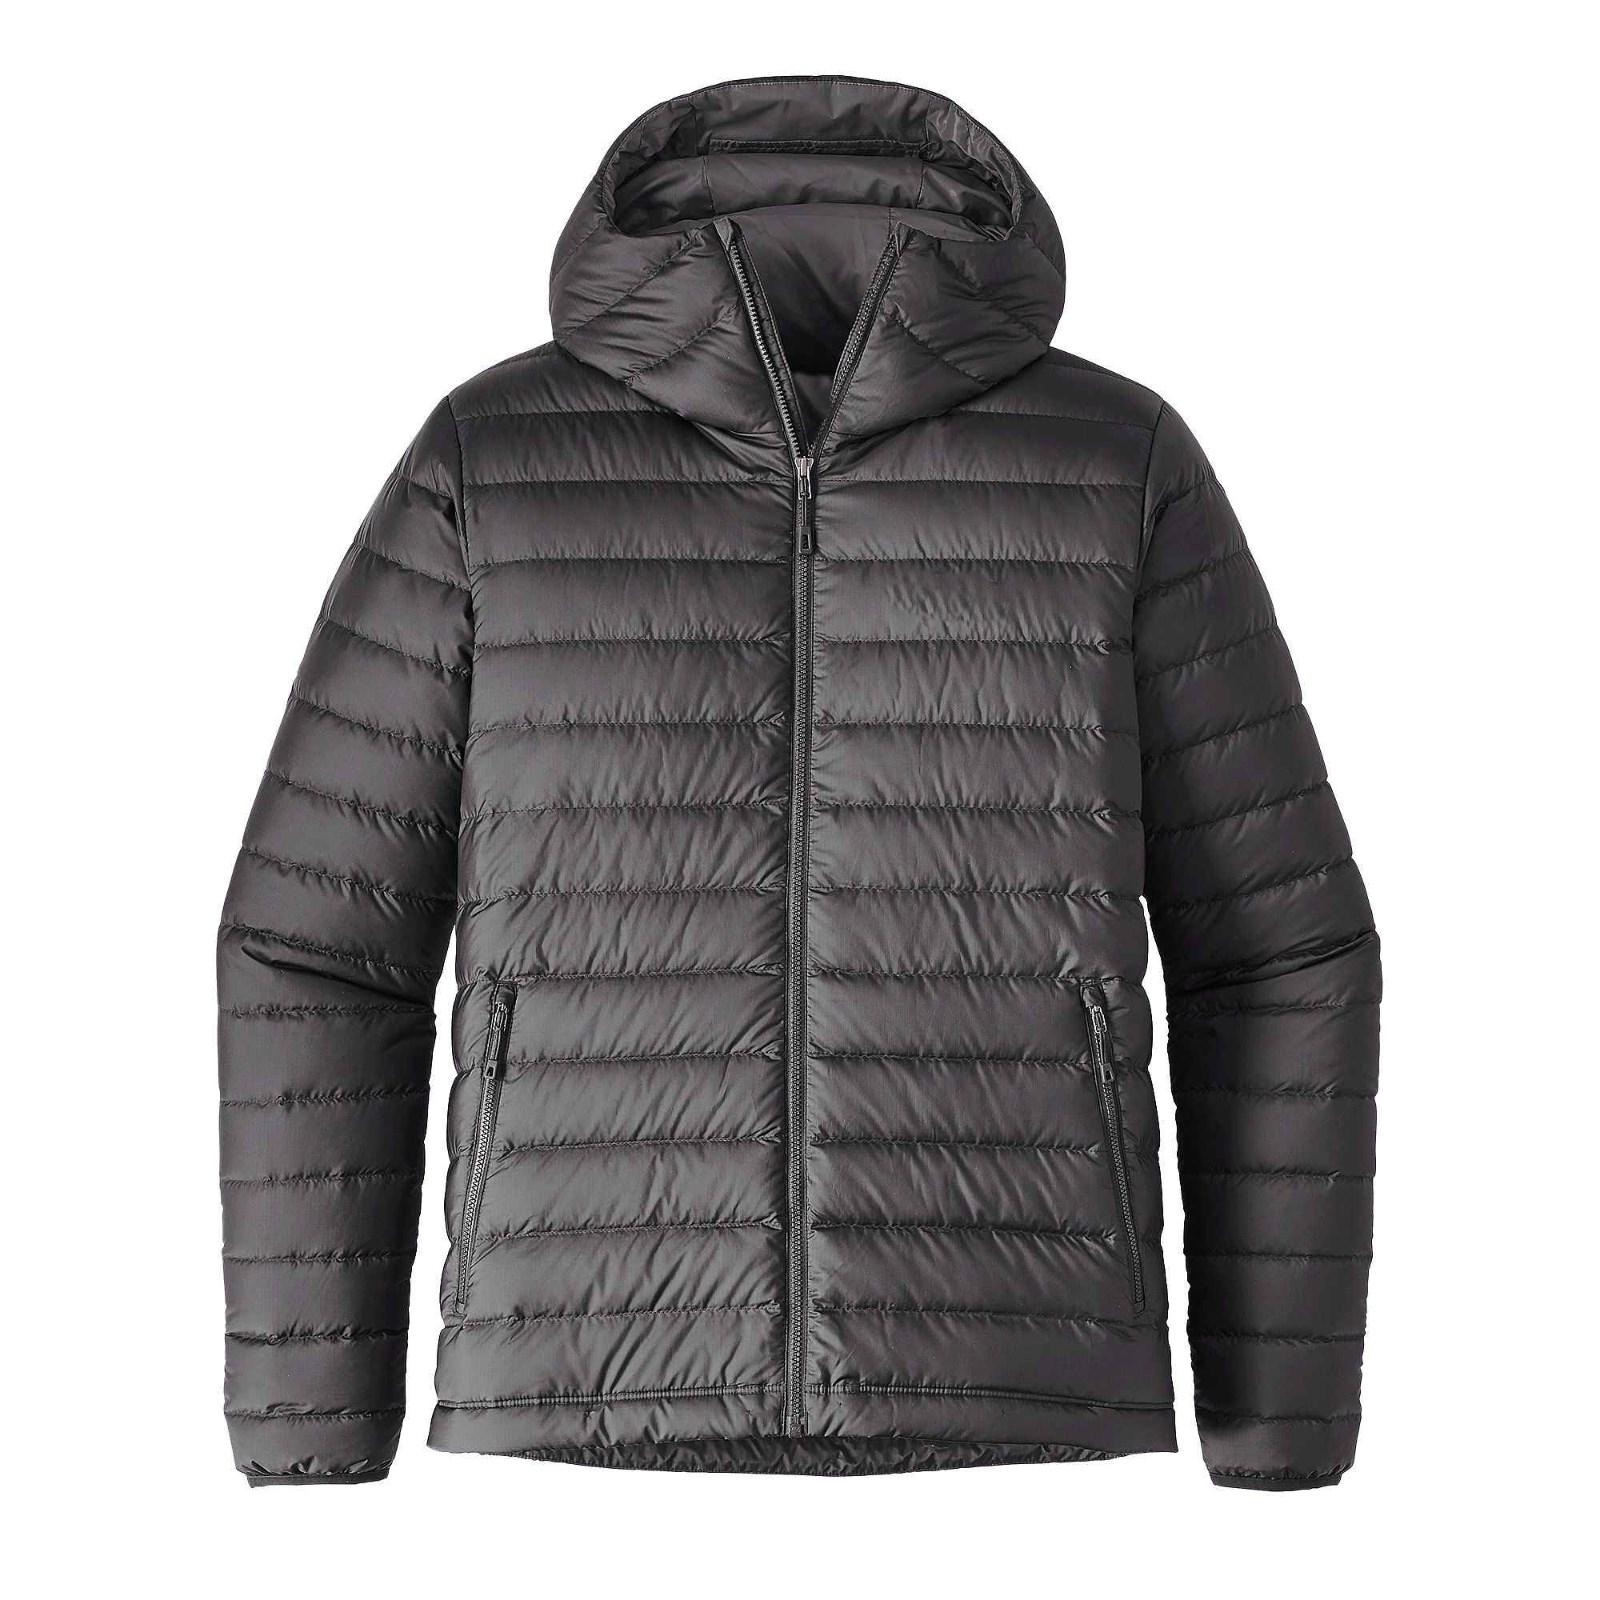 Men's Down Jacket Hoody Manufacturers, Men's Down Jacket Hoody Factory, Supply Men's Down Jacket Hoody